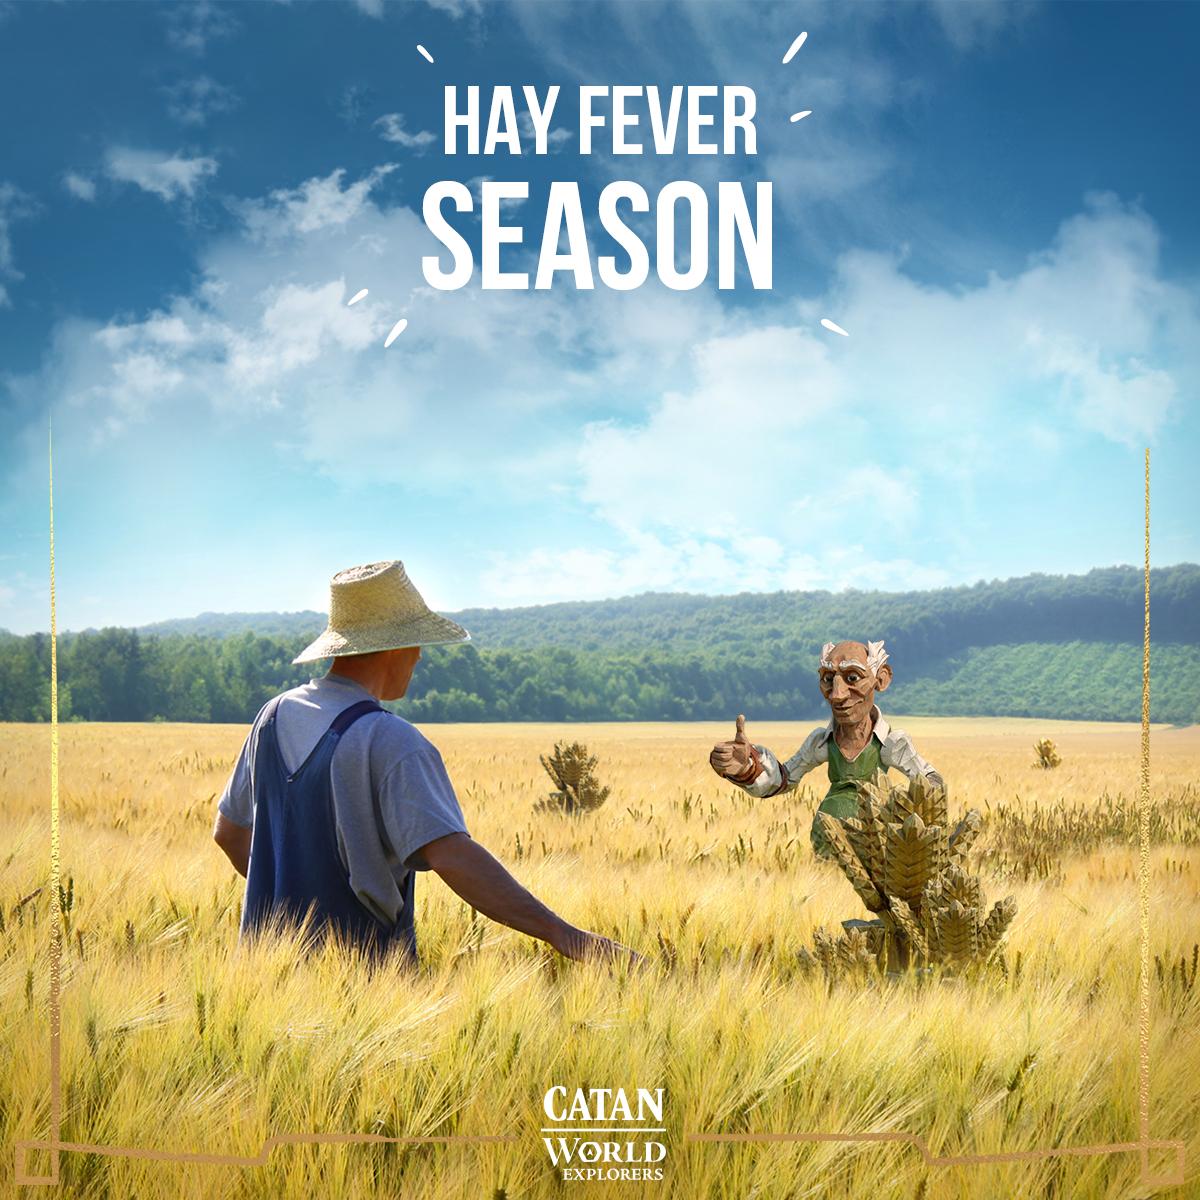 Catan_Grain Season Announcement_1x1.jpg